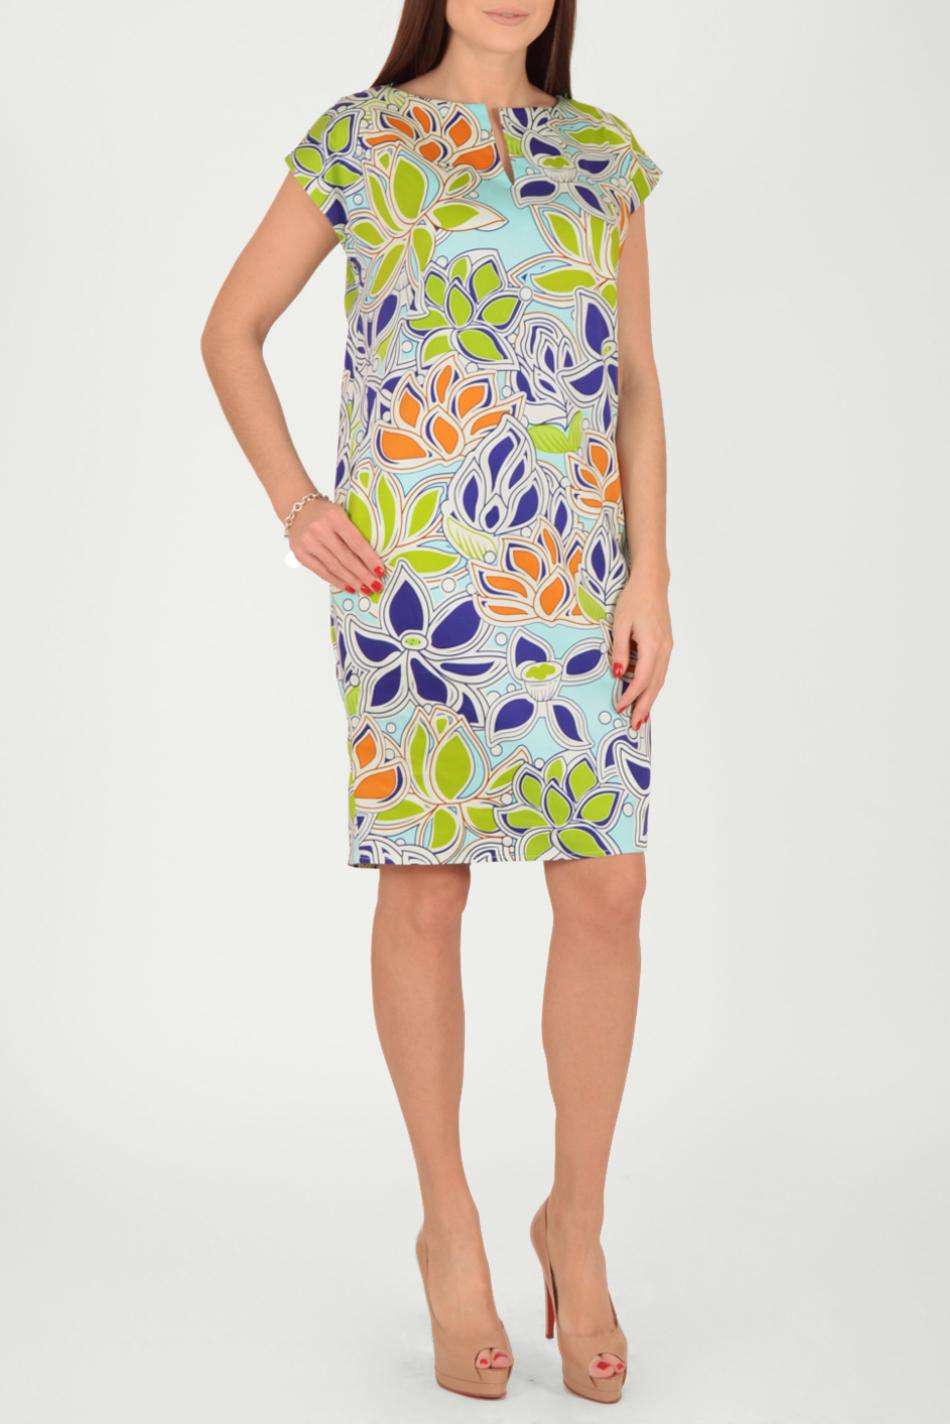 ПлатьеПлатья<br>Цветное платье с фигурной горловиной и короткими рукавами. Модель выполнена из хлопкового материала. Отличный выбор для повседневного гардероба.  Длина изделия от линии плеча 102 см.  В изделии использованы цвета: голубой, зеленый, синий, оранжевый и др.  Рост девушки-фотомодели 170 см.  Параметры размеров: 42 размер - обхват груди 84 см., обхват талии 66 см., обхват бедер 92 см. 44 размер - обхват груди 88 см., обхват талии 70 см., обхват бедер 96 см. 46 размер - обхват груди 92 см., обхват талии 74 см., обхват бедер 100 см. 48 размер - обхват груди 96 см., обхват талии 78 см., обхват бедер 104 см. 50 размер - обхват груди 100 см., обхват талии 82 см., обхват бедер 108 см. 52 размер - обхват груди 104 см., обхват талии 86 см., обхват бедер 112 см. 54 размер - обхват груди 108 см., обхват талии 91 см., обхват бедер 116 см. 56 размер - обхват груди 112 см., обхват талии 95 см., обхват бедер 120 см. 58 размер - обхват груди 116 см., обхват талии 100 см., обхват бедер 124 см. 60 размер - обхват груди 120 см., обхват талии 105 см., обхват бедер 128 см.<br><br>Горловина: Фигурная горловина<br>По длине: До колена<br>По материалу: Хлопок<br>По рисунку: Растительные мотивы,С принтом,Цветные,Цветочные<br>По силуэту: Полуприталенные<br>По стилю: Летний стиль,Повседневный стиль<br>По форме: Платье - футляр<br>По элементам: С карманами,С разрезом<br>Разрез: Короткий,Шлица<br>Рукав: Короткий рукав<br>По сезону: Лето<br>Размер : 48,52<br>Материал: Хлопок<br>Количество в наличии: 3